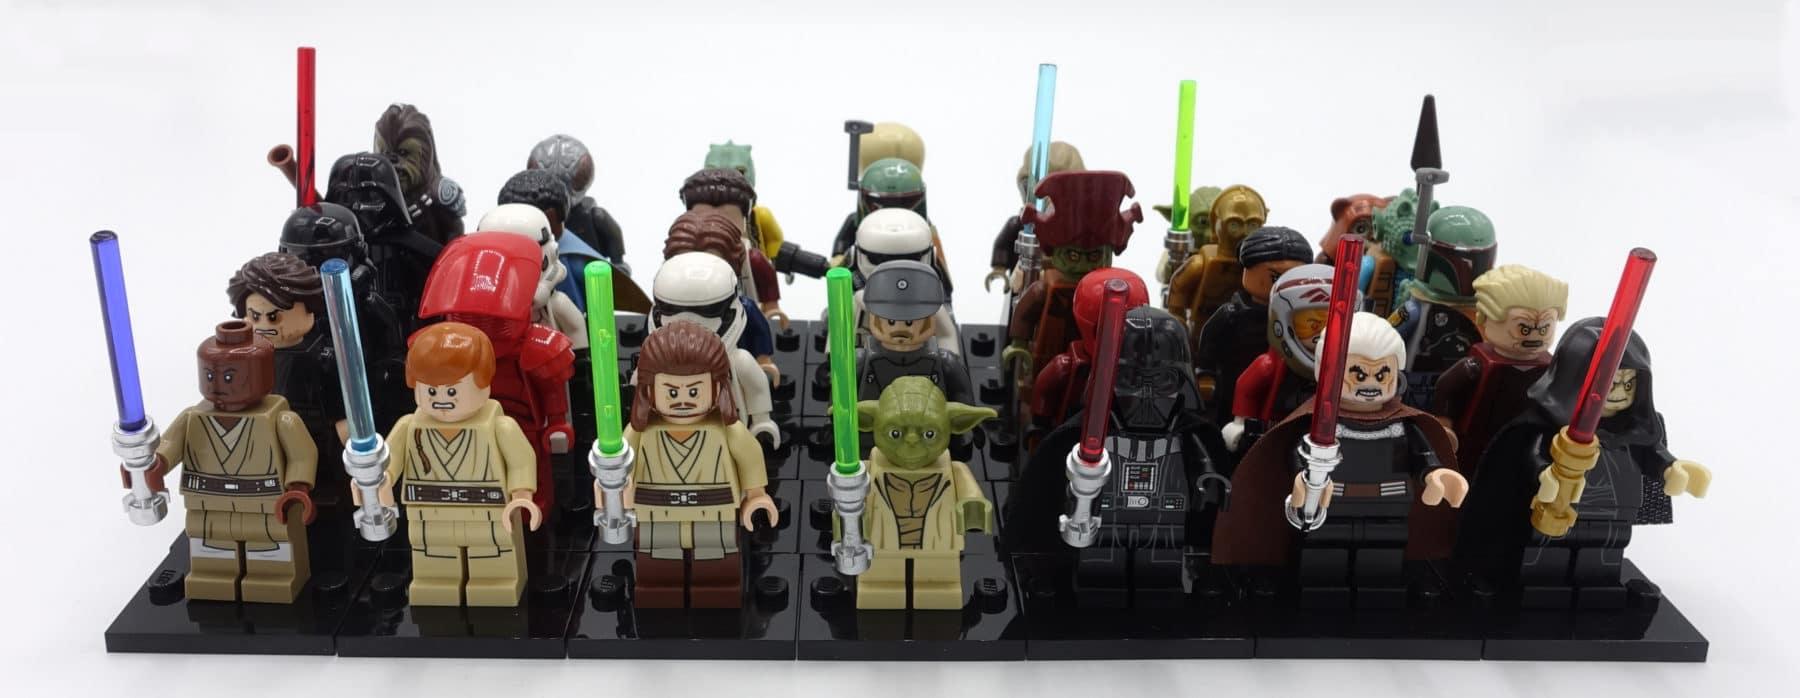 Eine Auswahl einiger LEGO Star Wars Minifiguren